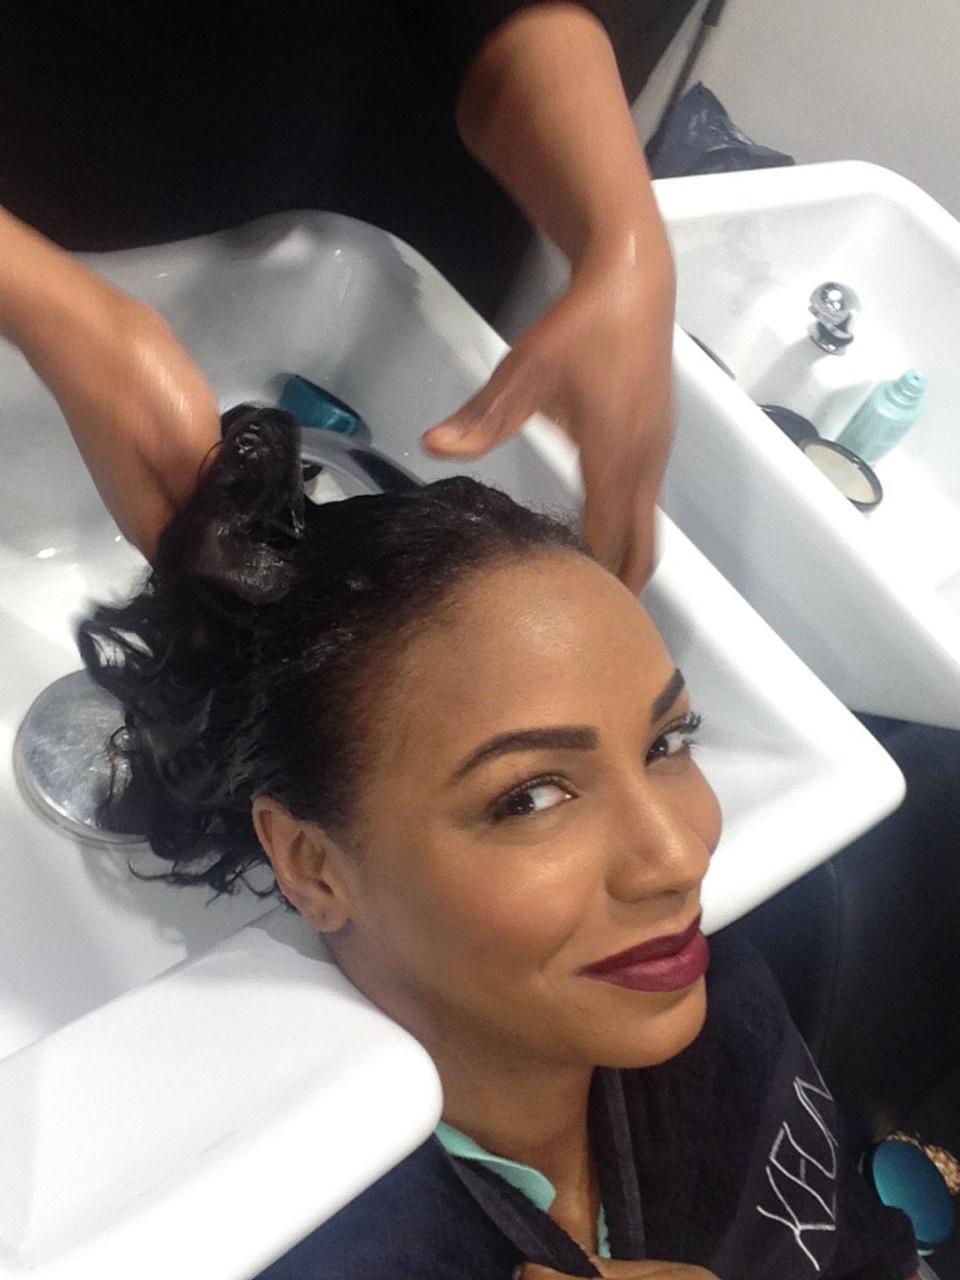 Passage au bac pour tester ce shampoing BAIN FORCE ARCHITECTE d'exception. La texture de ce shampoing est assez épaisse (presque comme un gel très liquide). La fibre capillaire elle, se répare pendant le processus de lavage. (N'hésitez pas à laisser le shampoing traîner 1 à 2 min dans vos cheveux)..